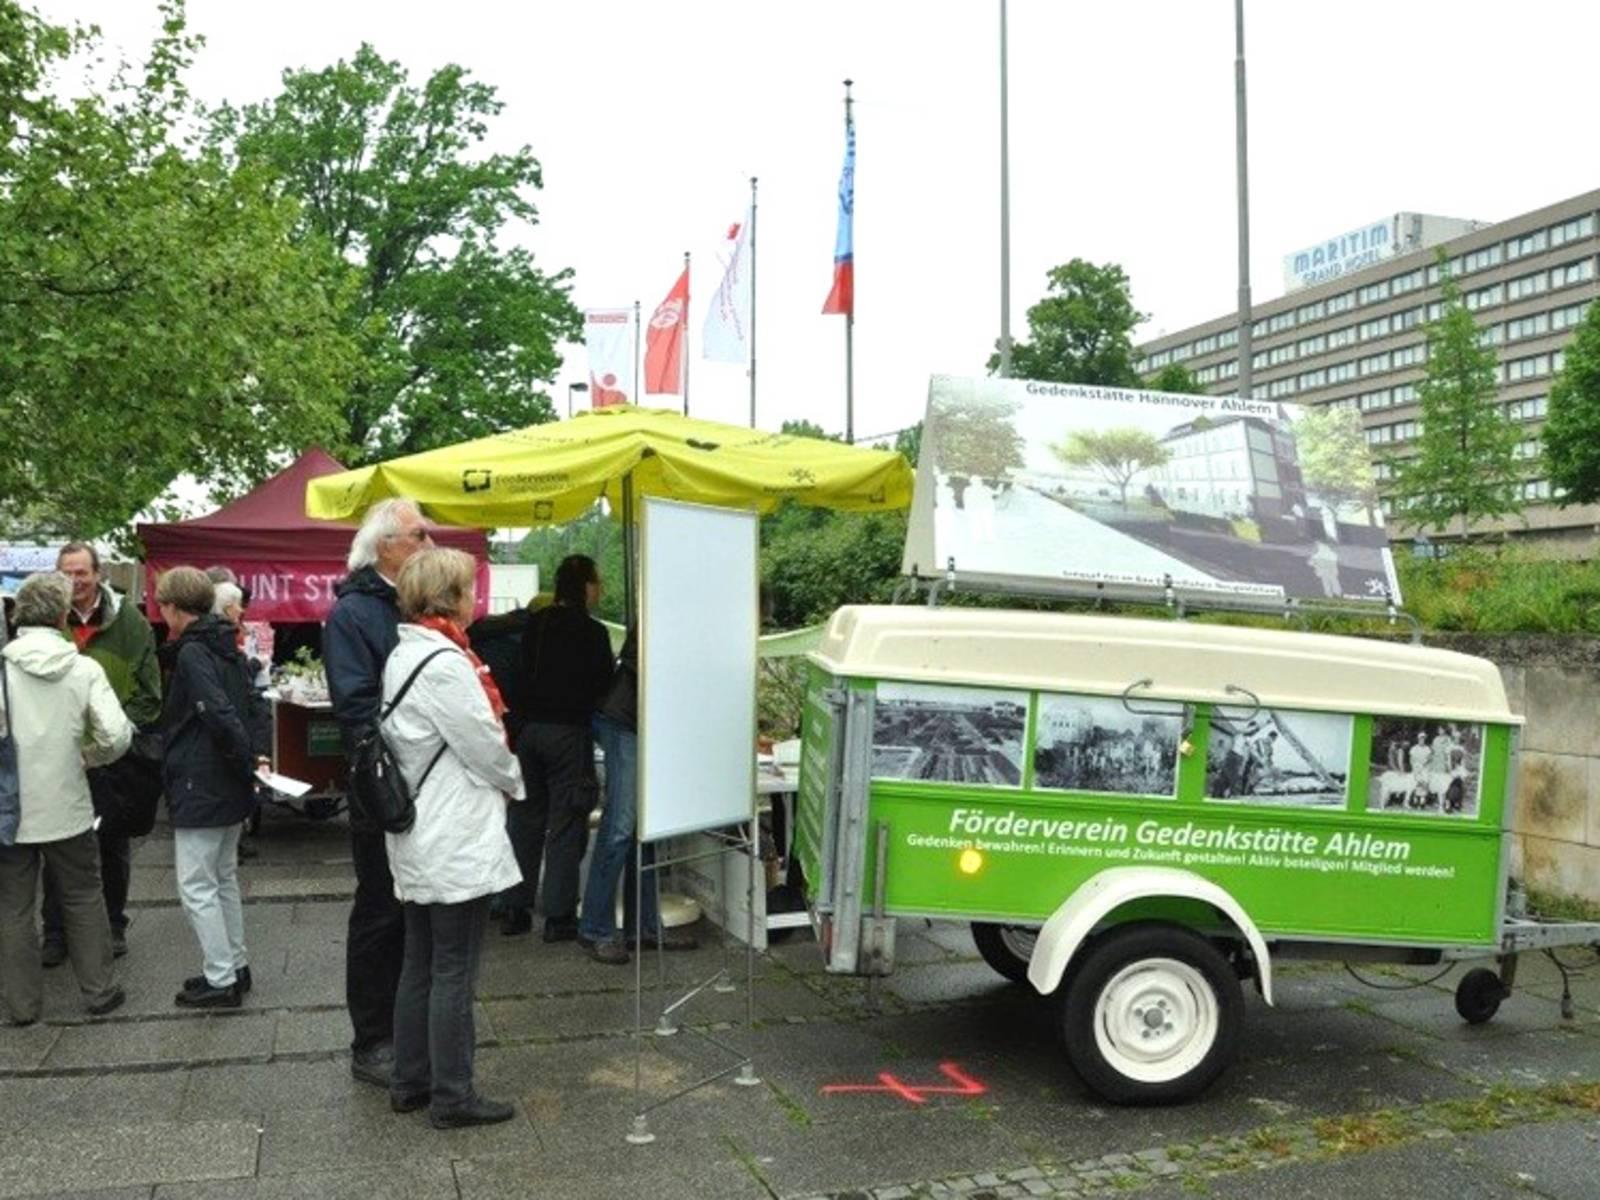 Informationsstand des Fördervereins Gedenkstätte Ahlem an dem BesucherInnen stehen. Ein grüner Werbeanhänger des Fördervereins steht neben dem Infostand.